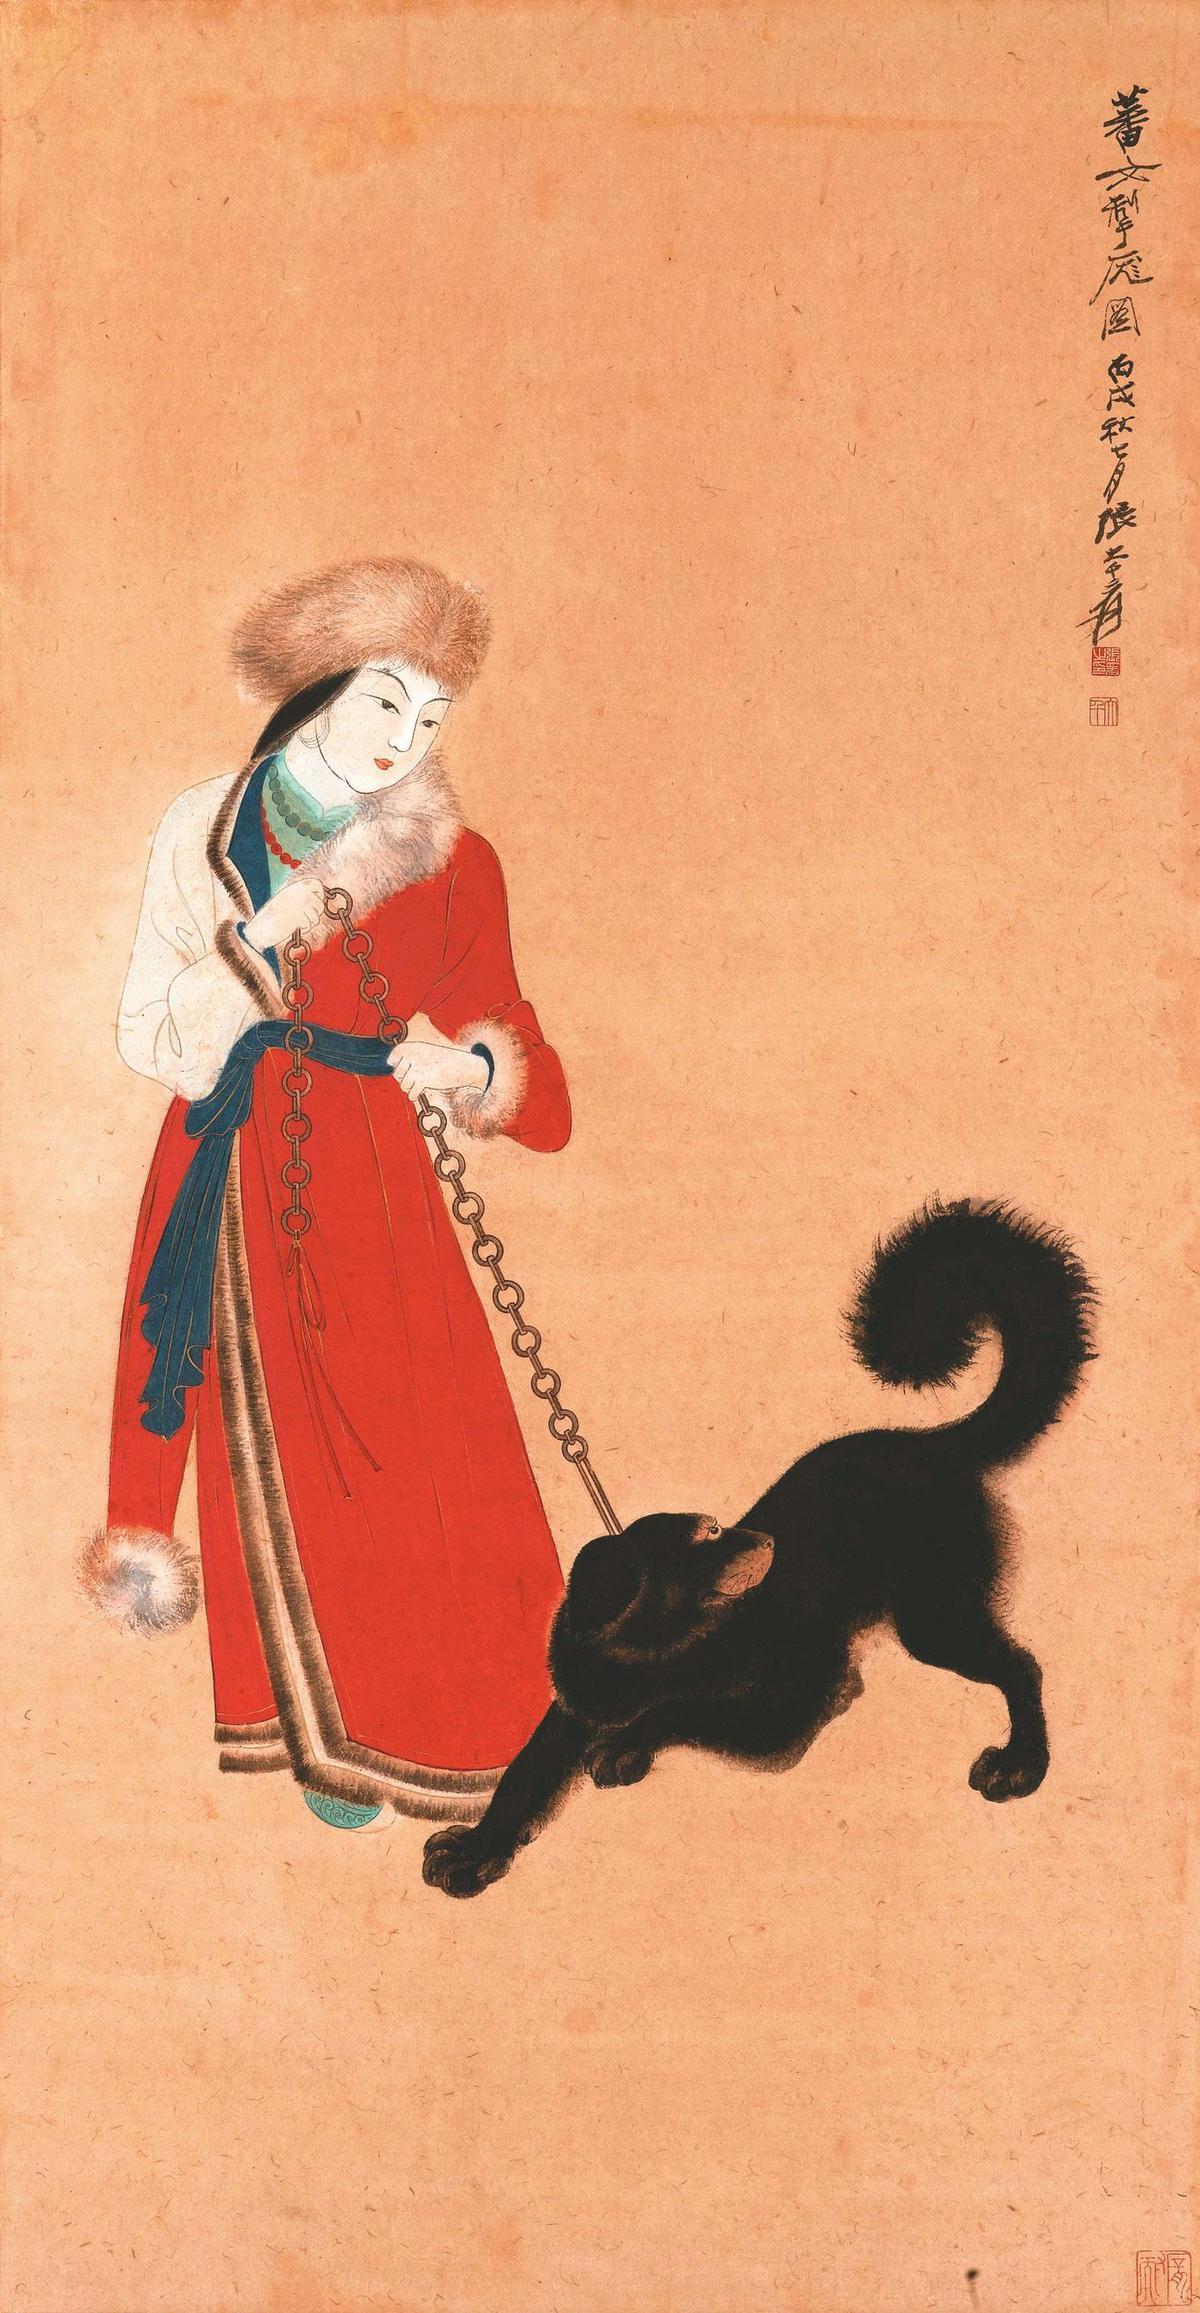 張大千畫作《蕃女掣龐圖》(黃崇仁提供)